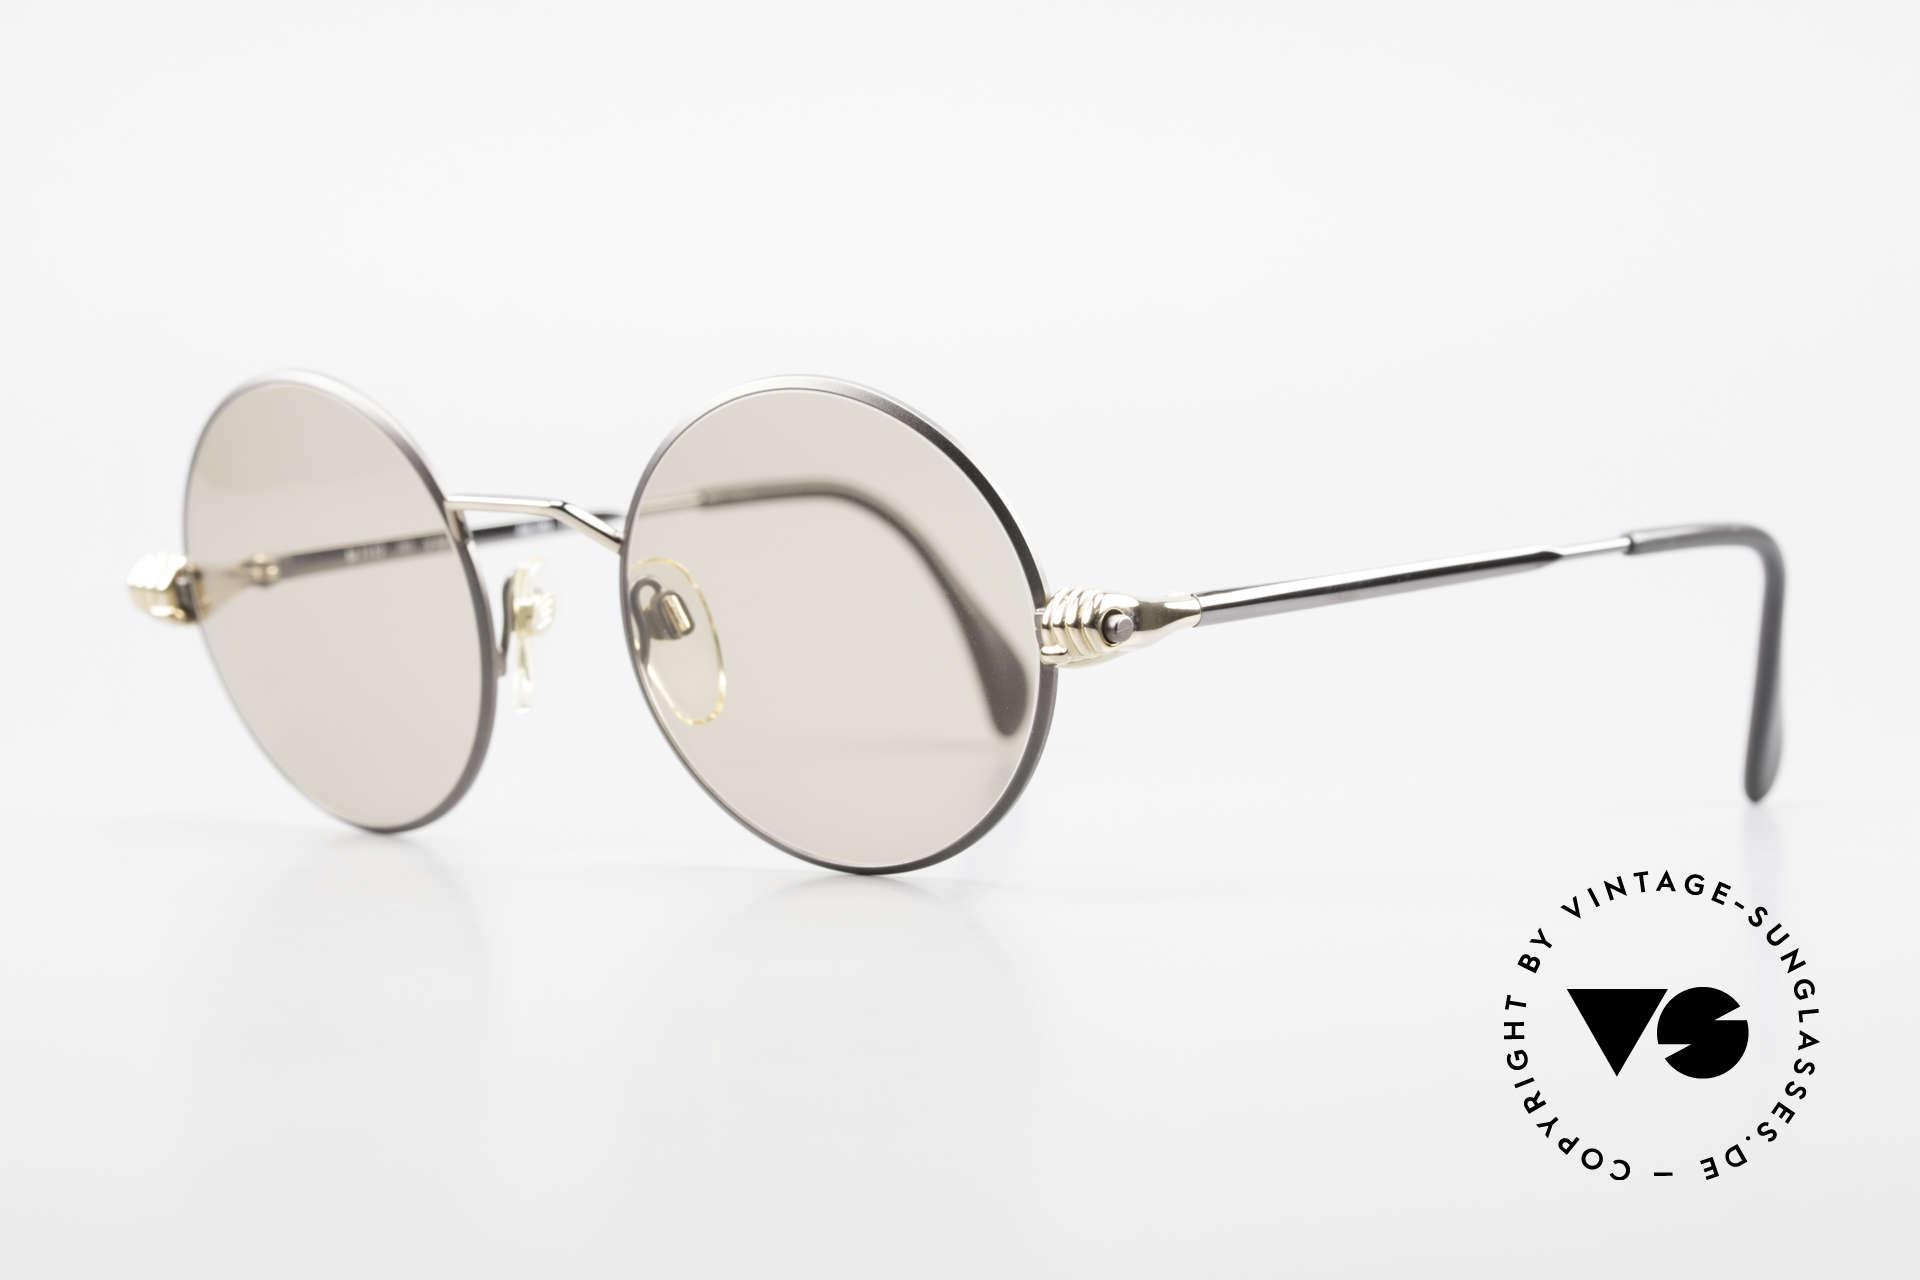 Silhouette M7112 Die Brille mit den Händen, es gab verschiedene Modelle mit den Goldhänden, Passend für Herren und Damen